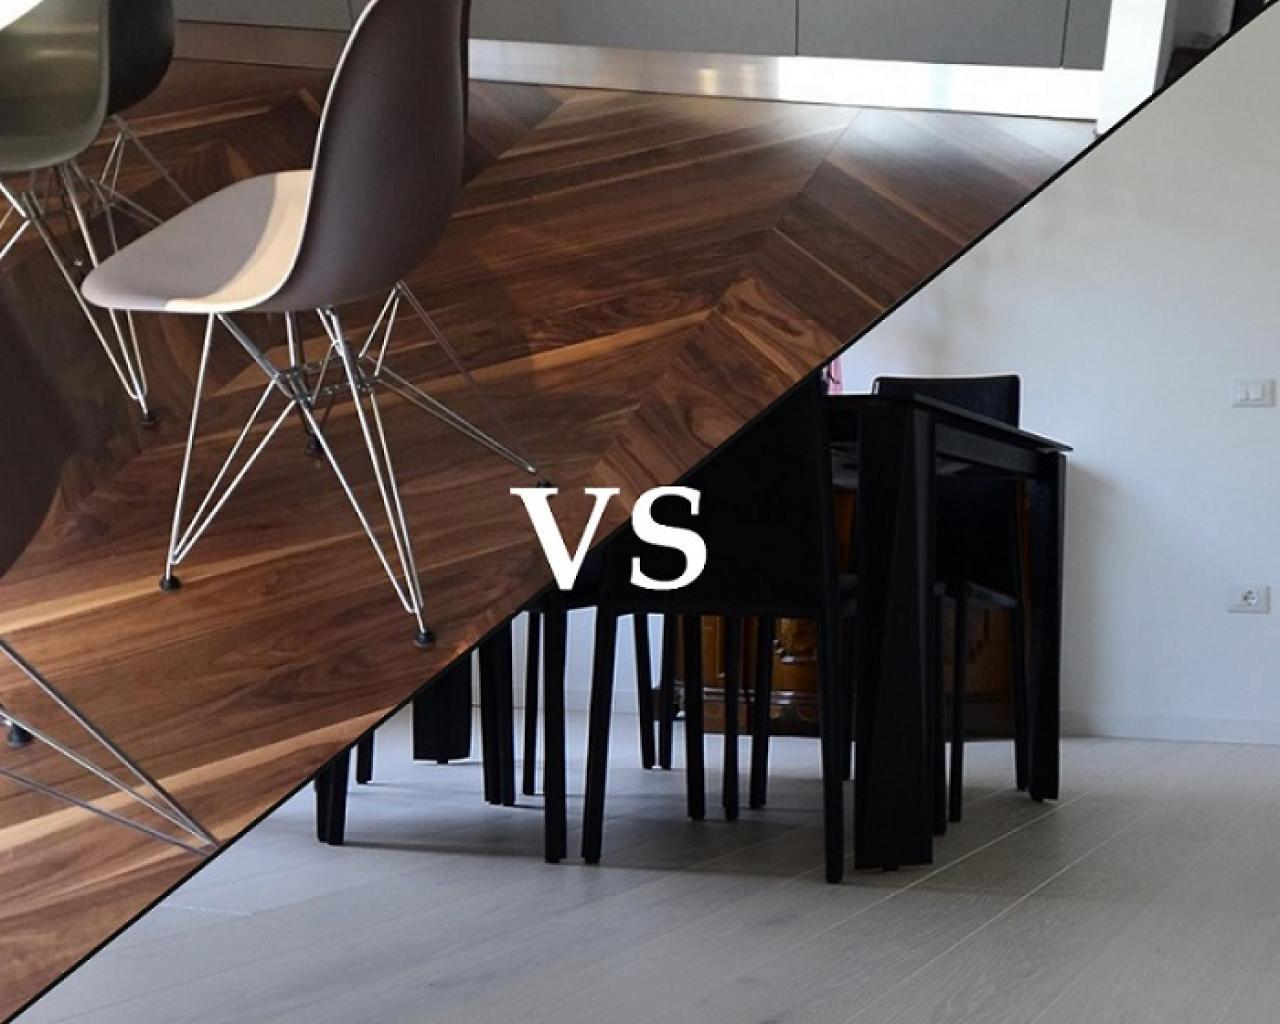 Idee Per Pavimenti Taverna pavimenti chiari o scuri? criteri per la scelta | fratelli